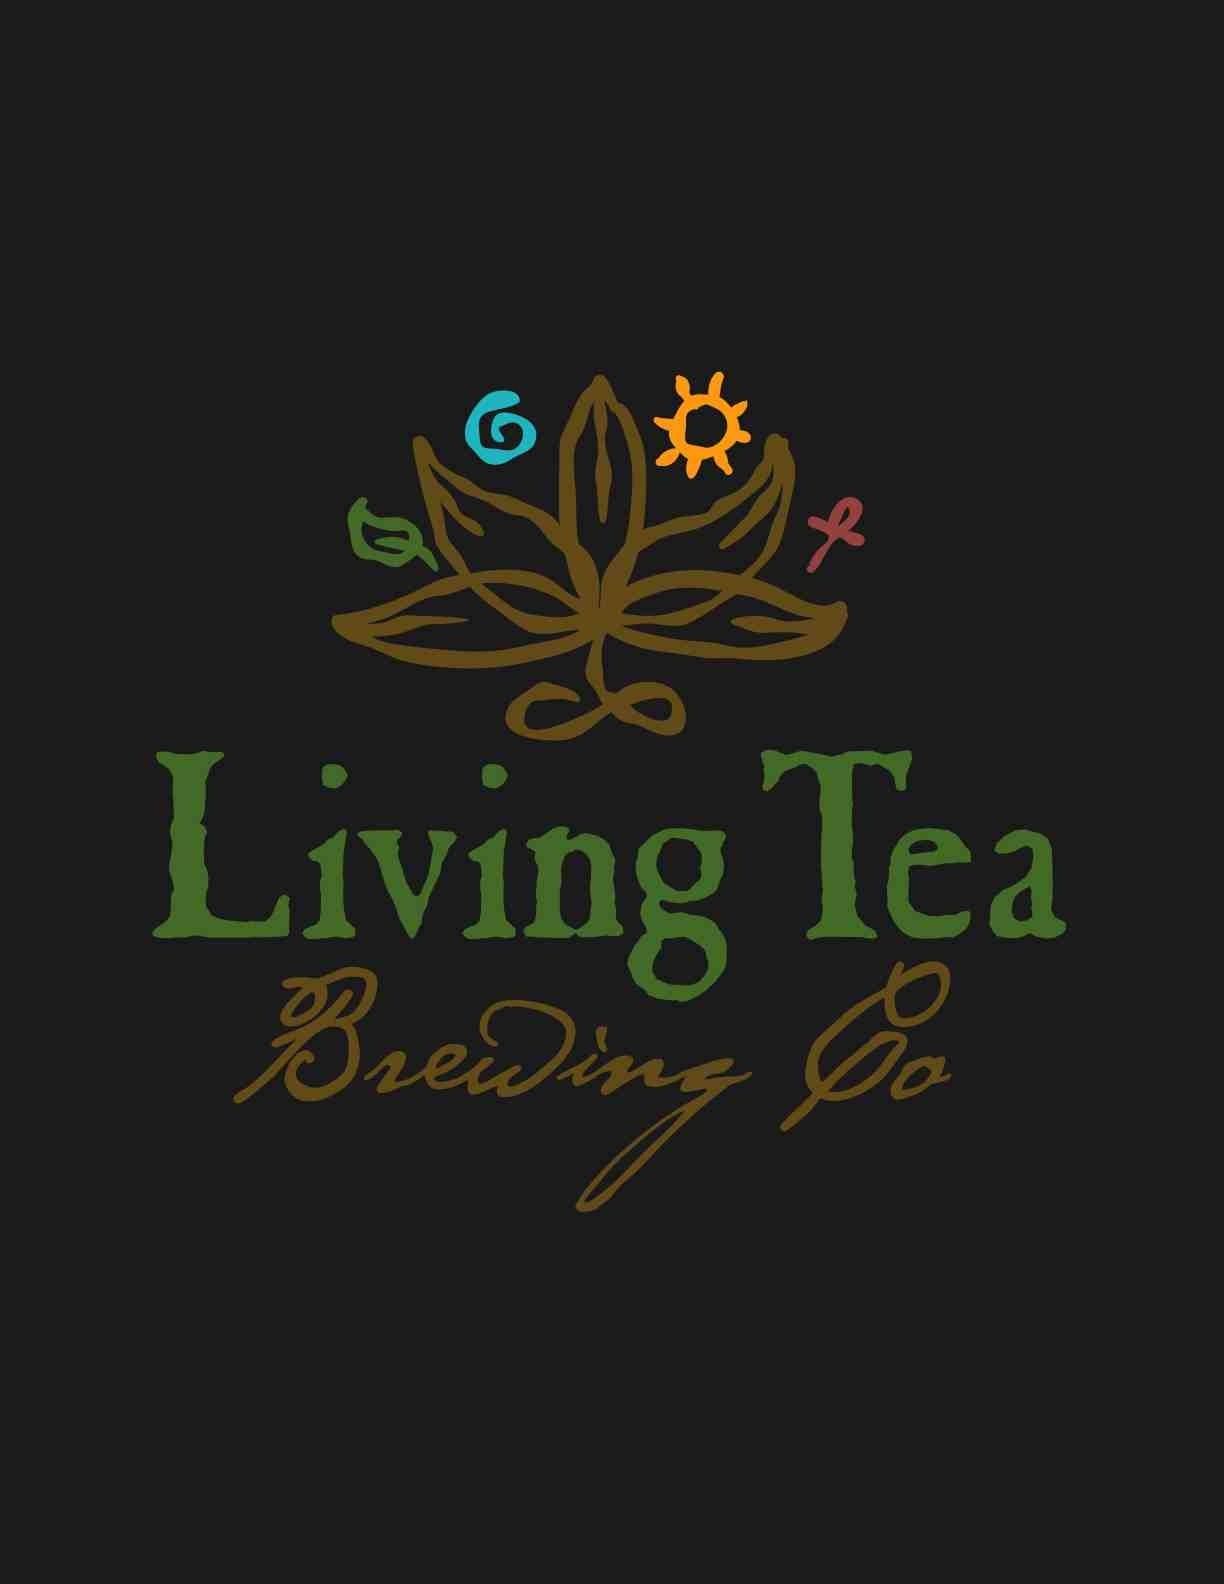 livingteabrewingco